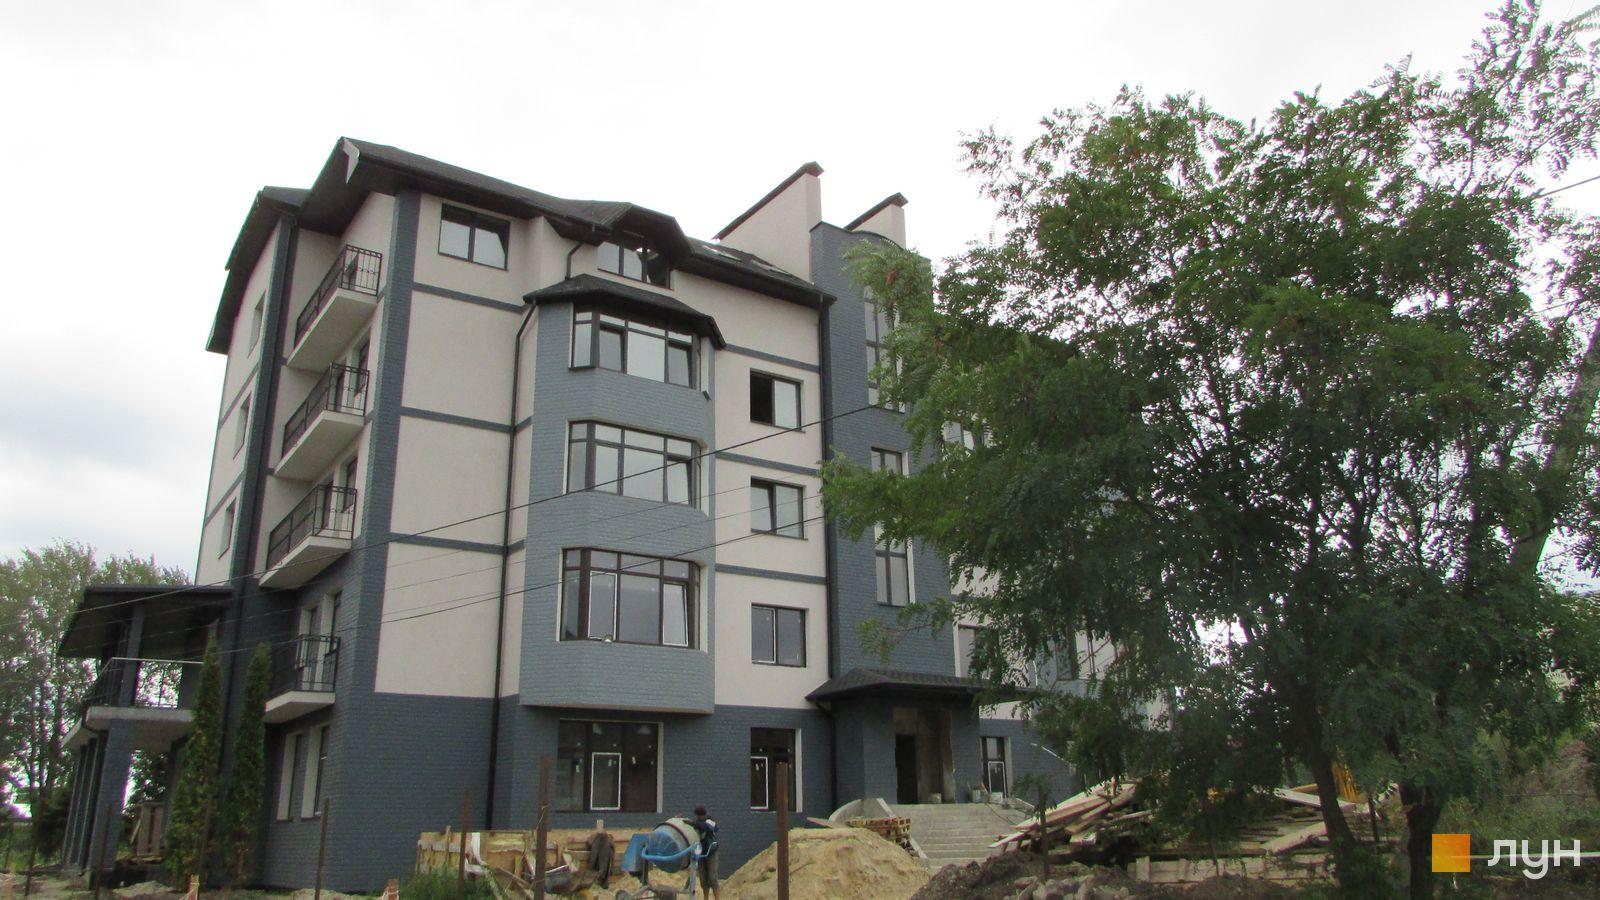 Ход строительства ЖК Ваша квартира, ул. Институтская, 101, сентябрь 2017